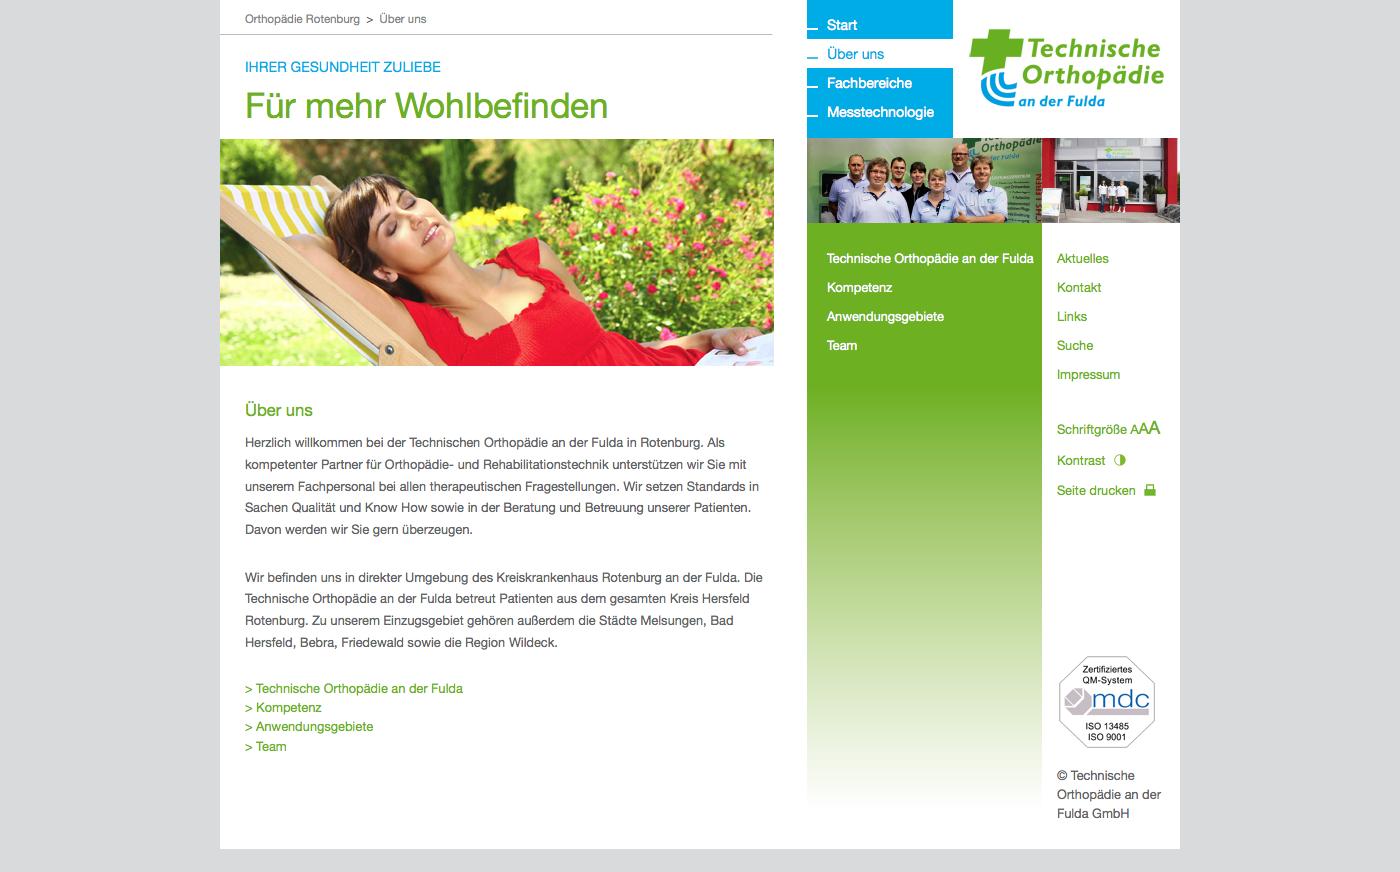 Technische Orthopädie an der Fulda